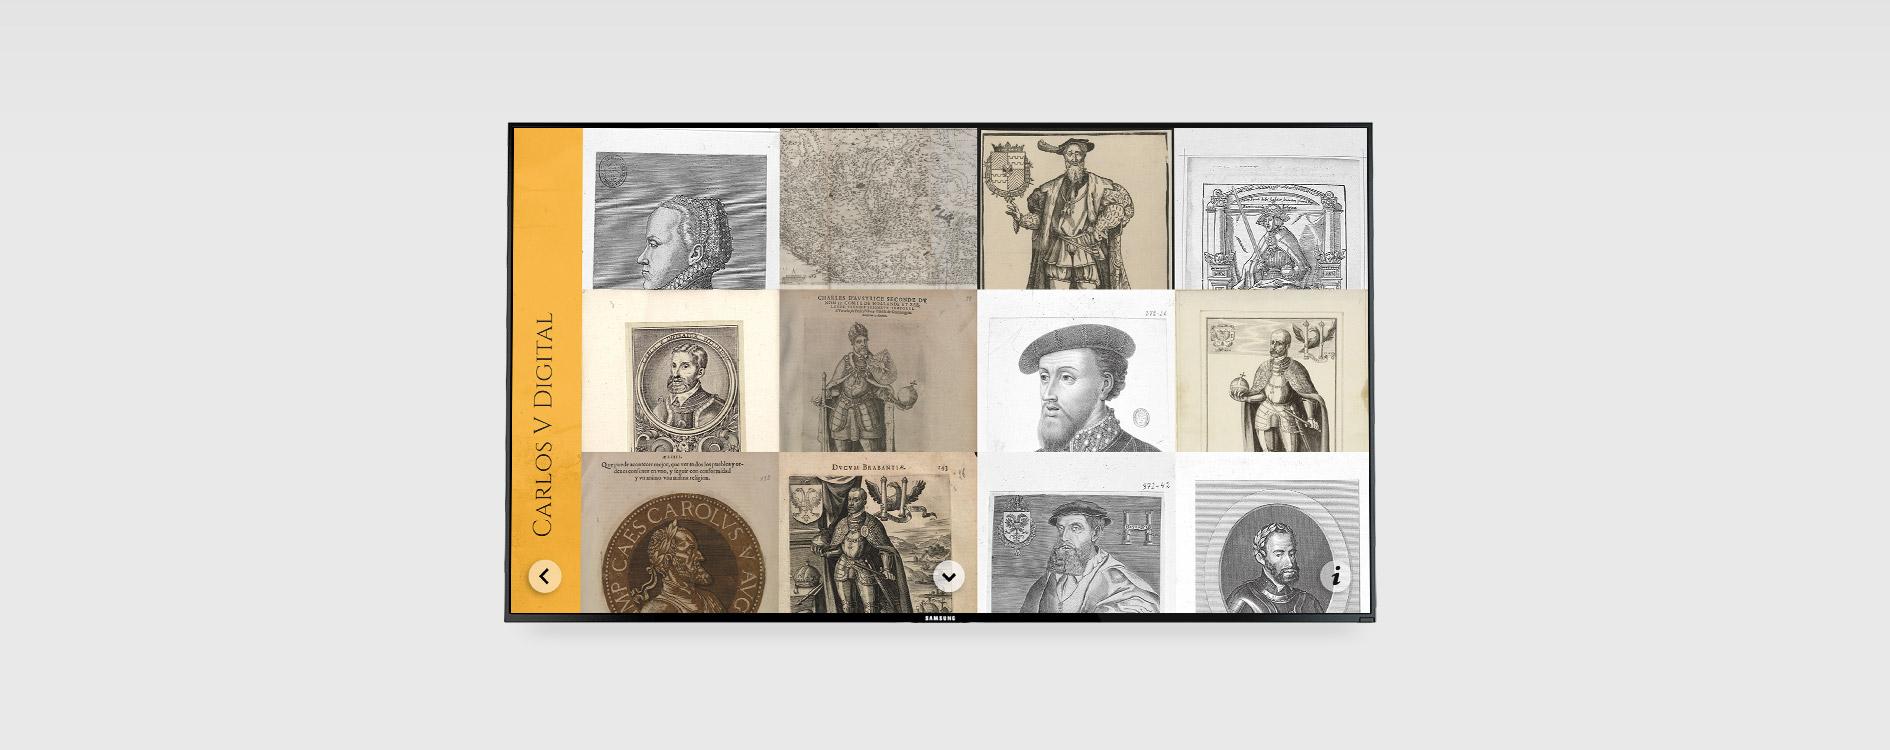 OHVisual - Interactivos - Audiovisuales Museo Carlos V - Ayuntamiento de Mojados